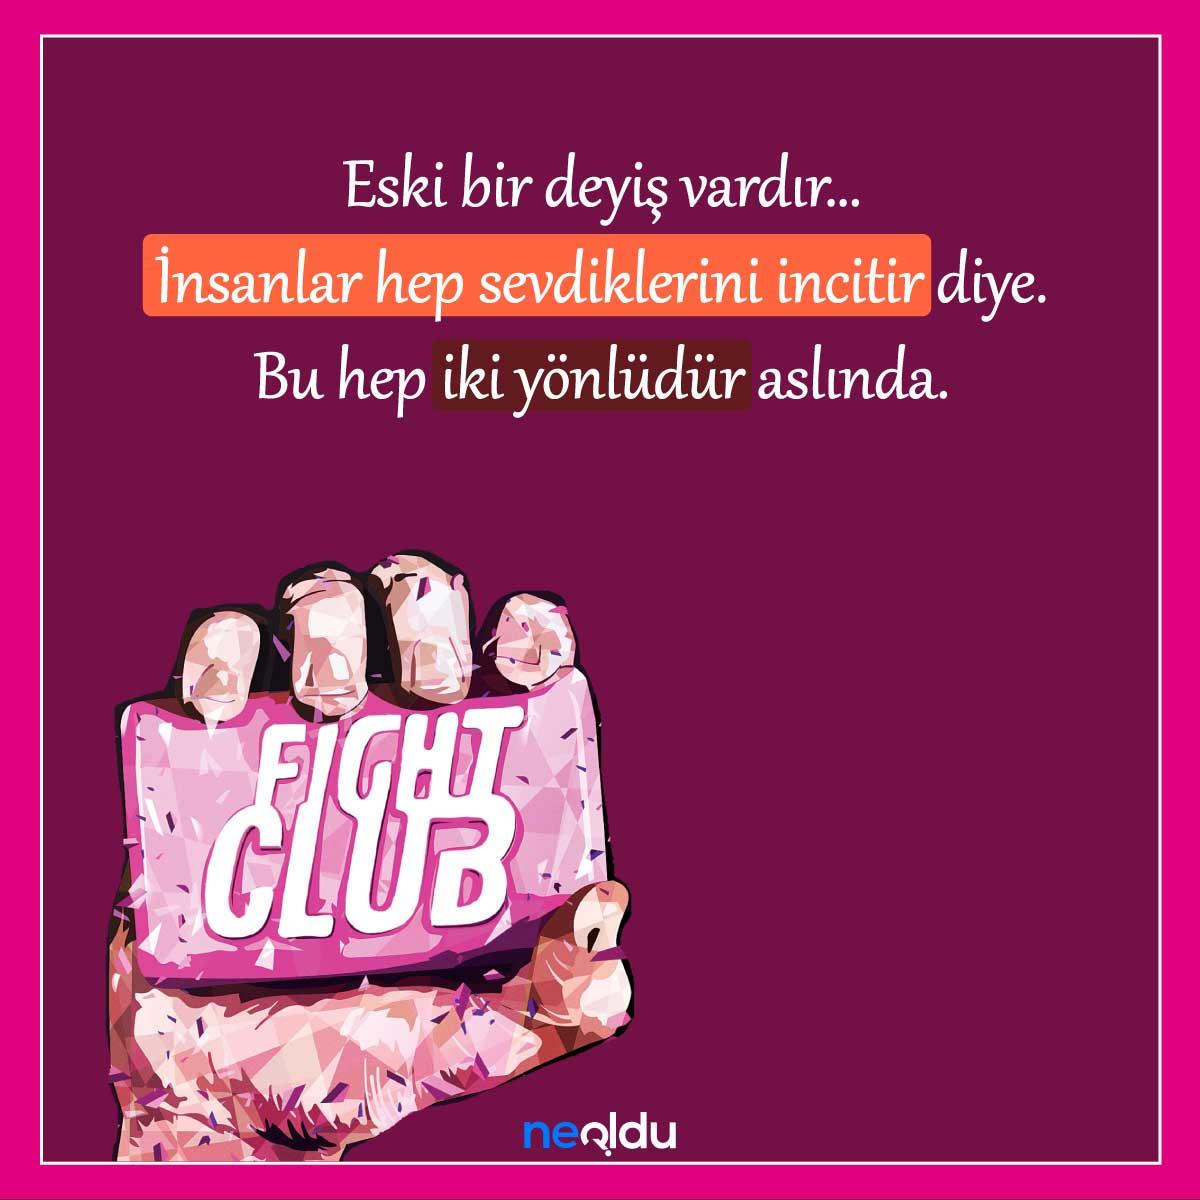 dövüş kulübü film replikleri